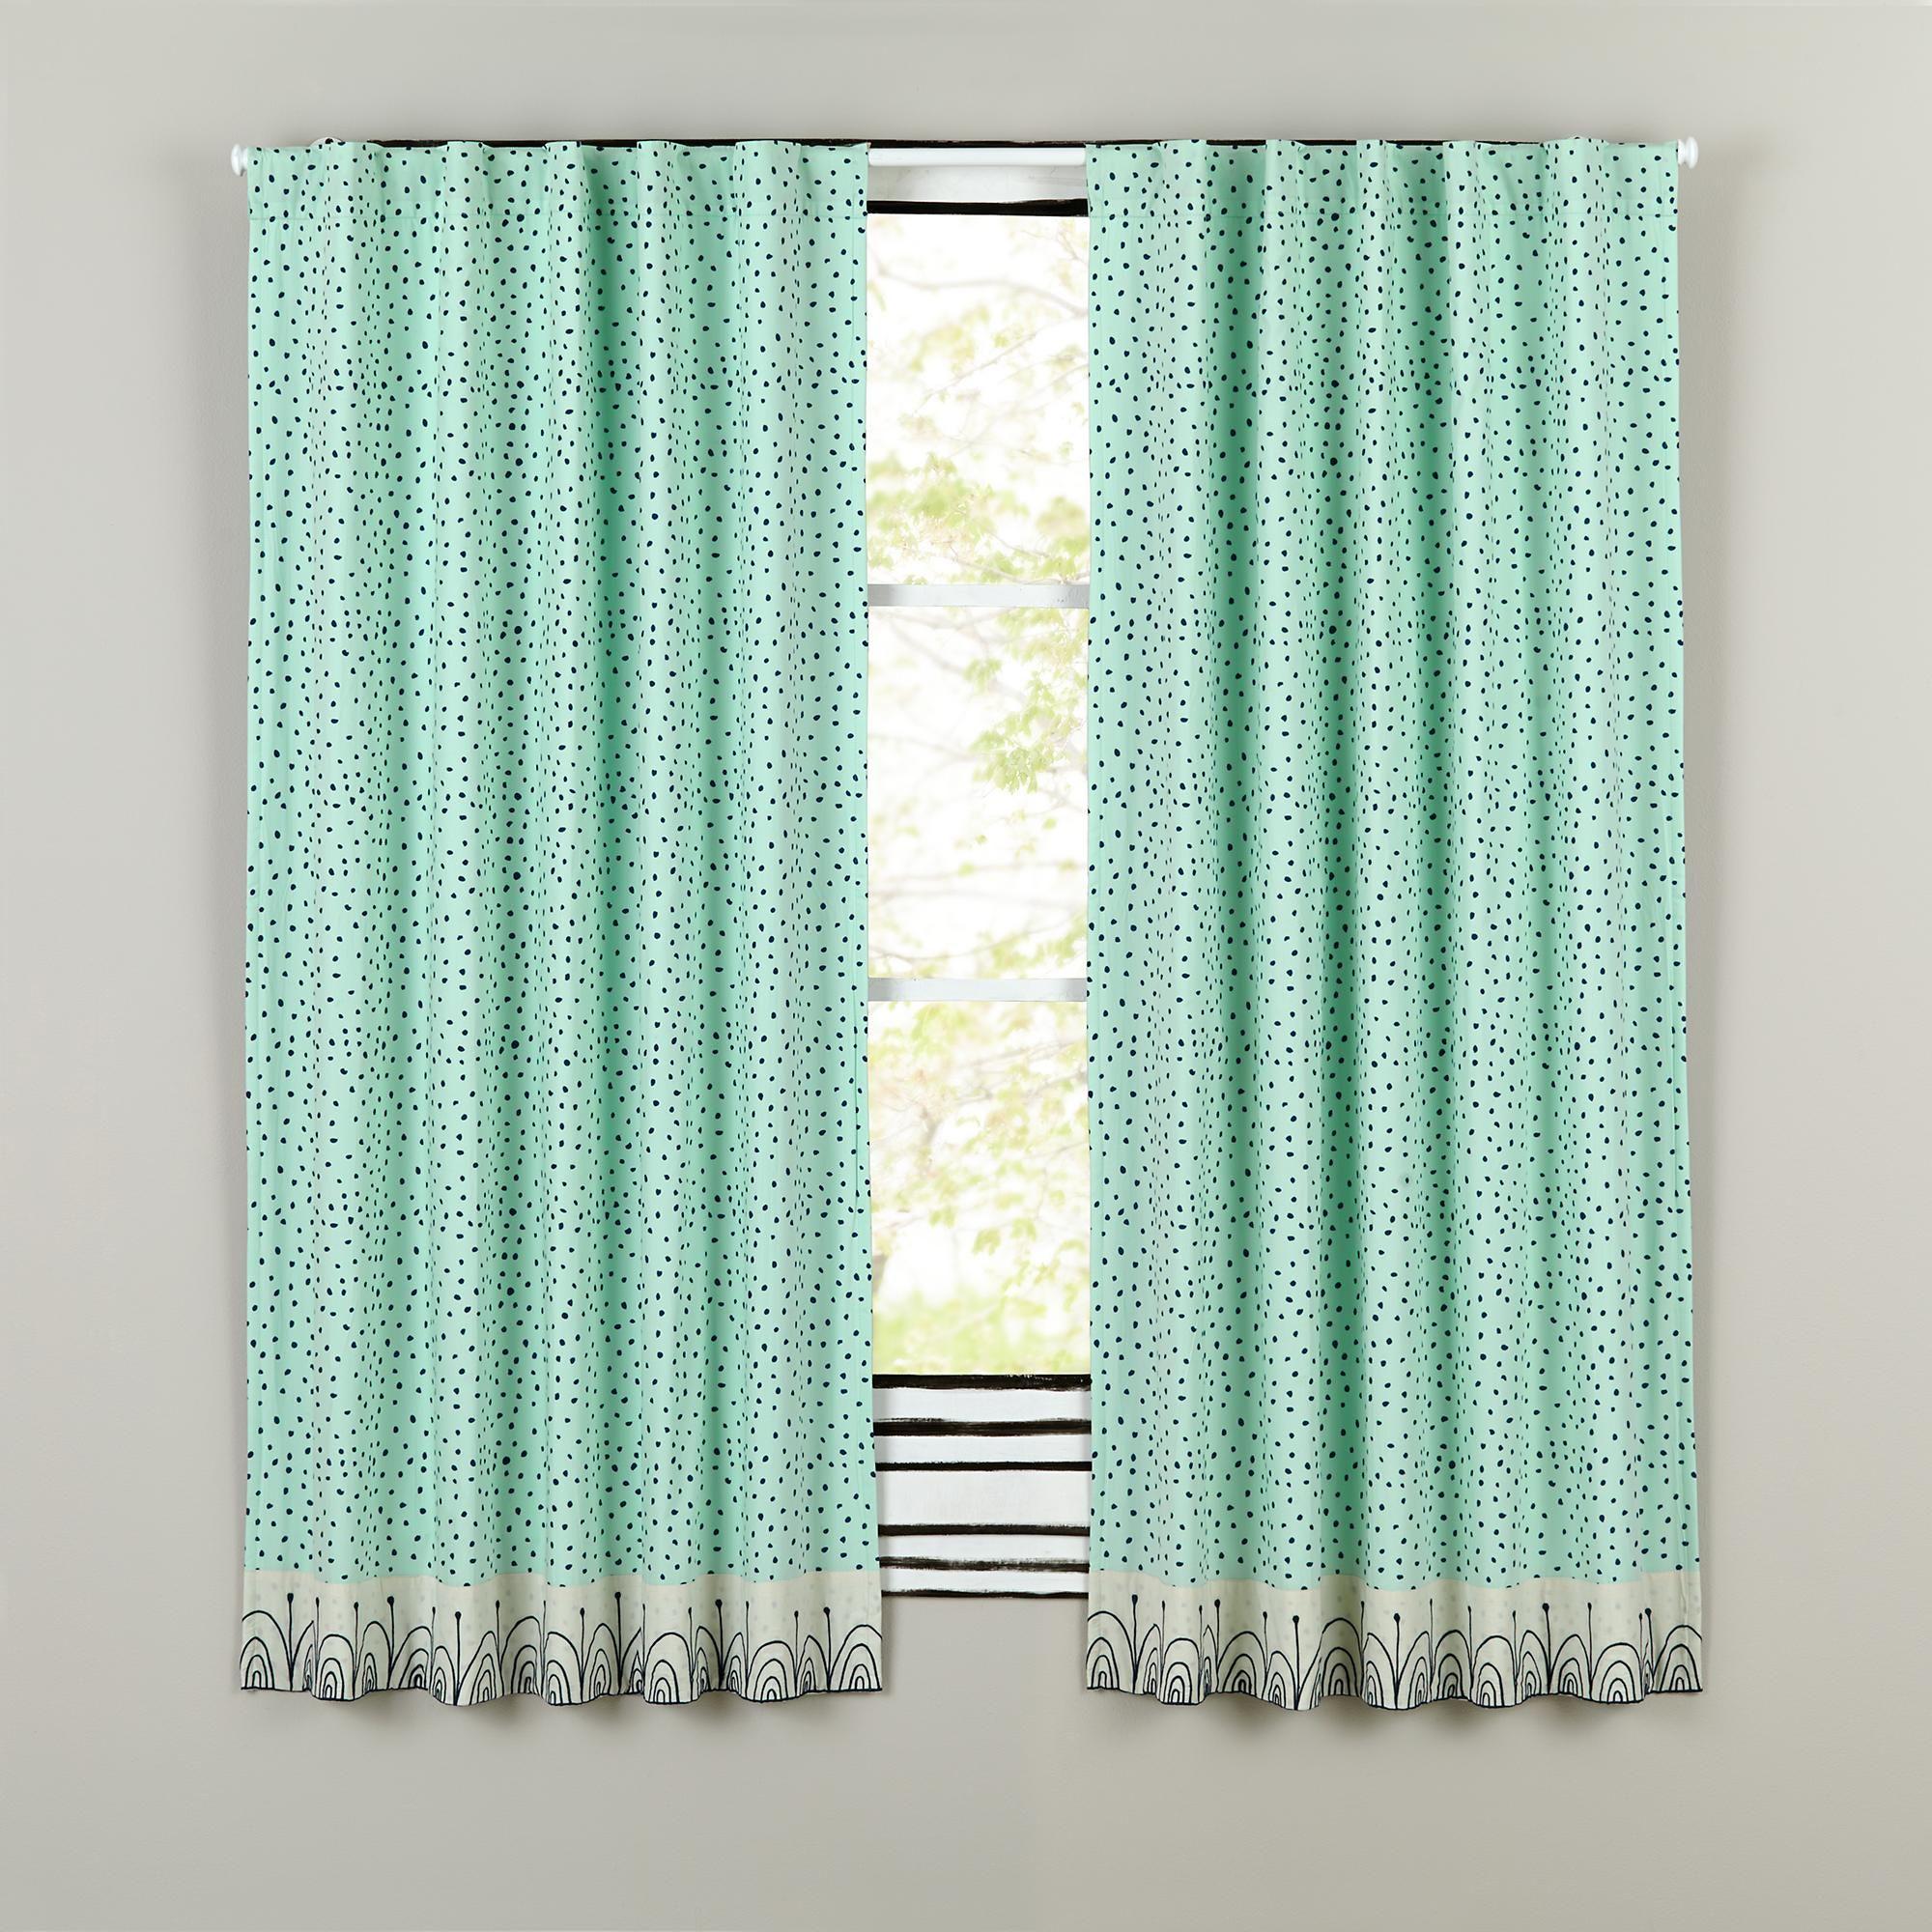 Sleep Tight Aqua And Grey Polka Dot Curtain Panels In